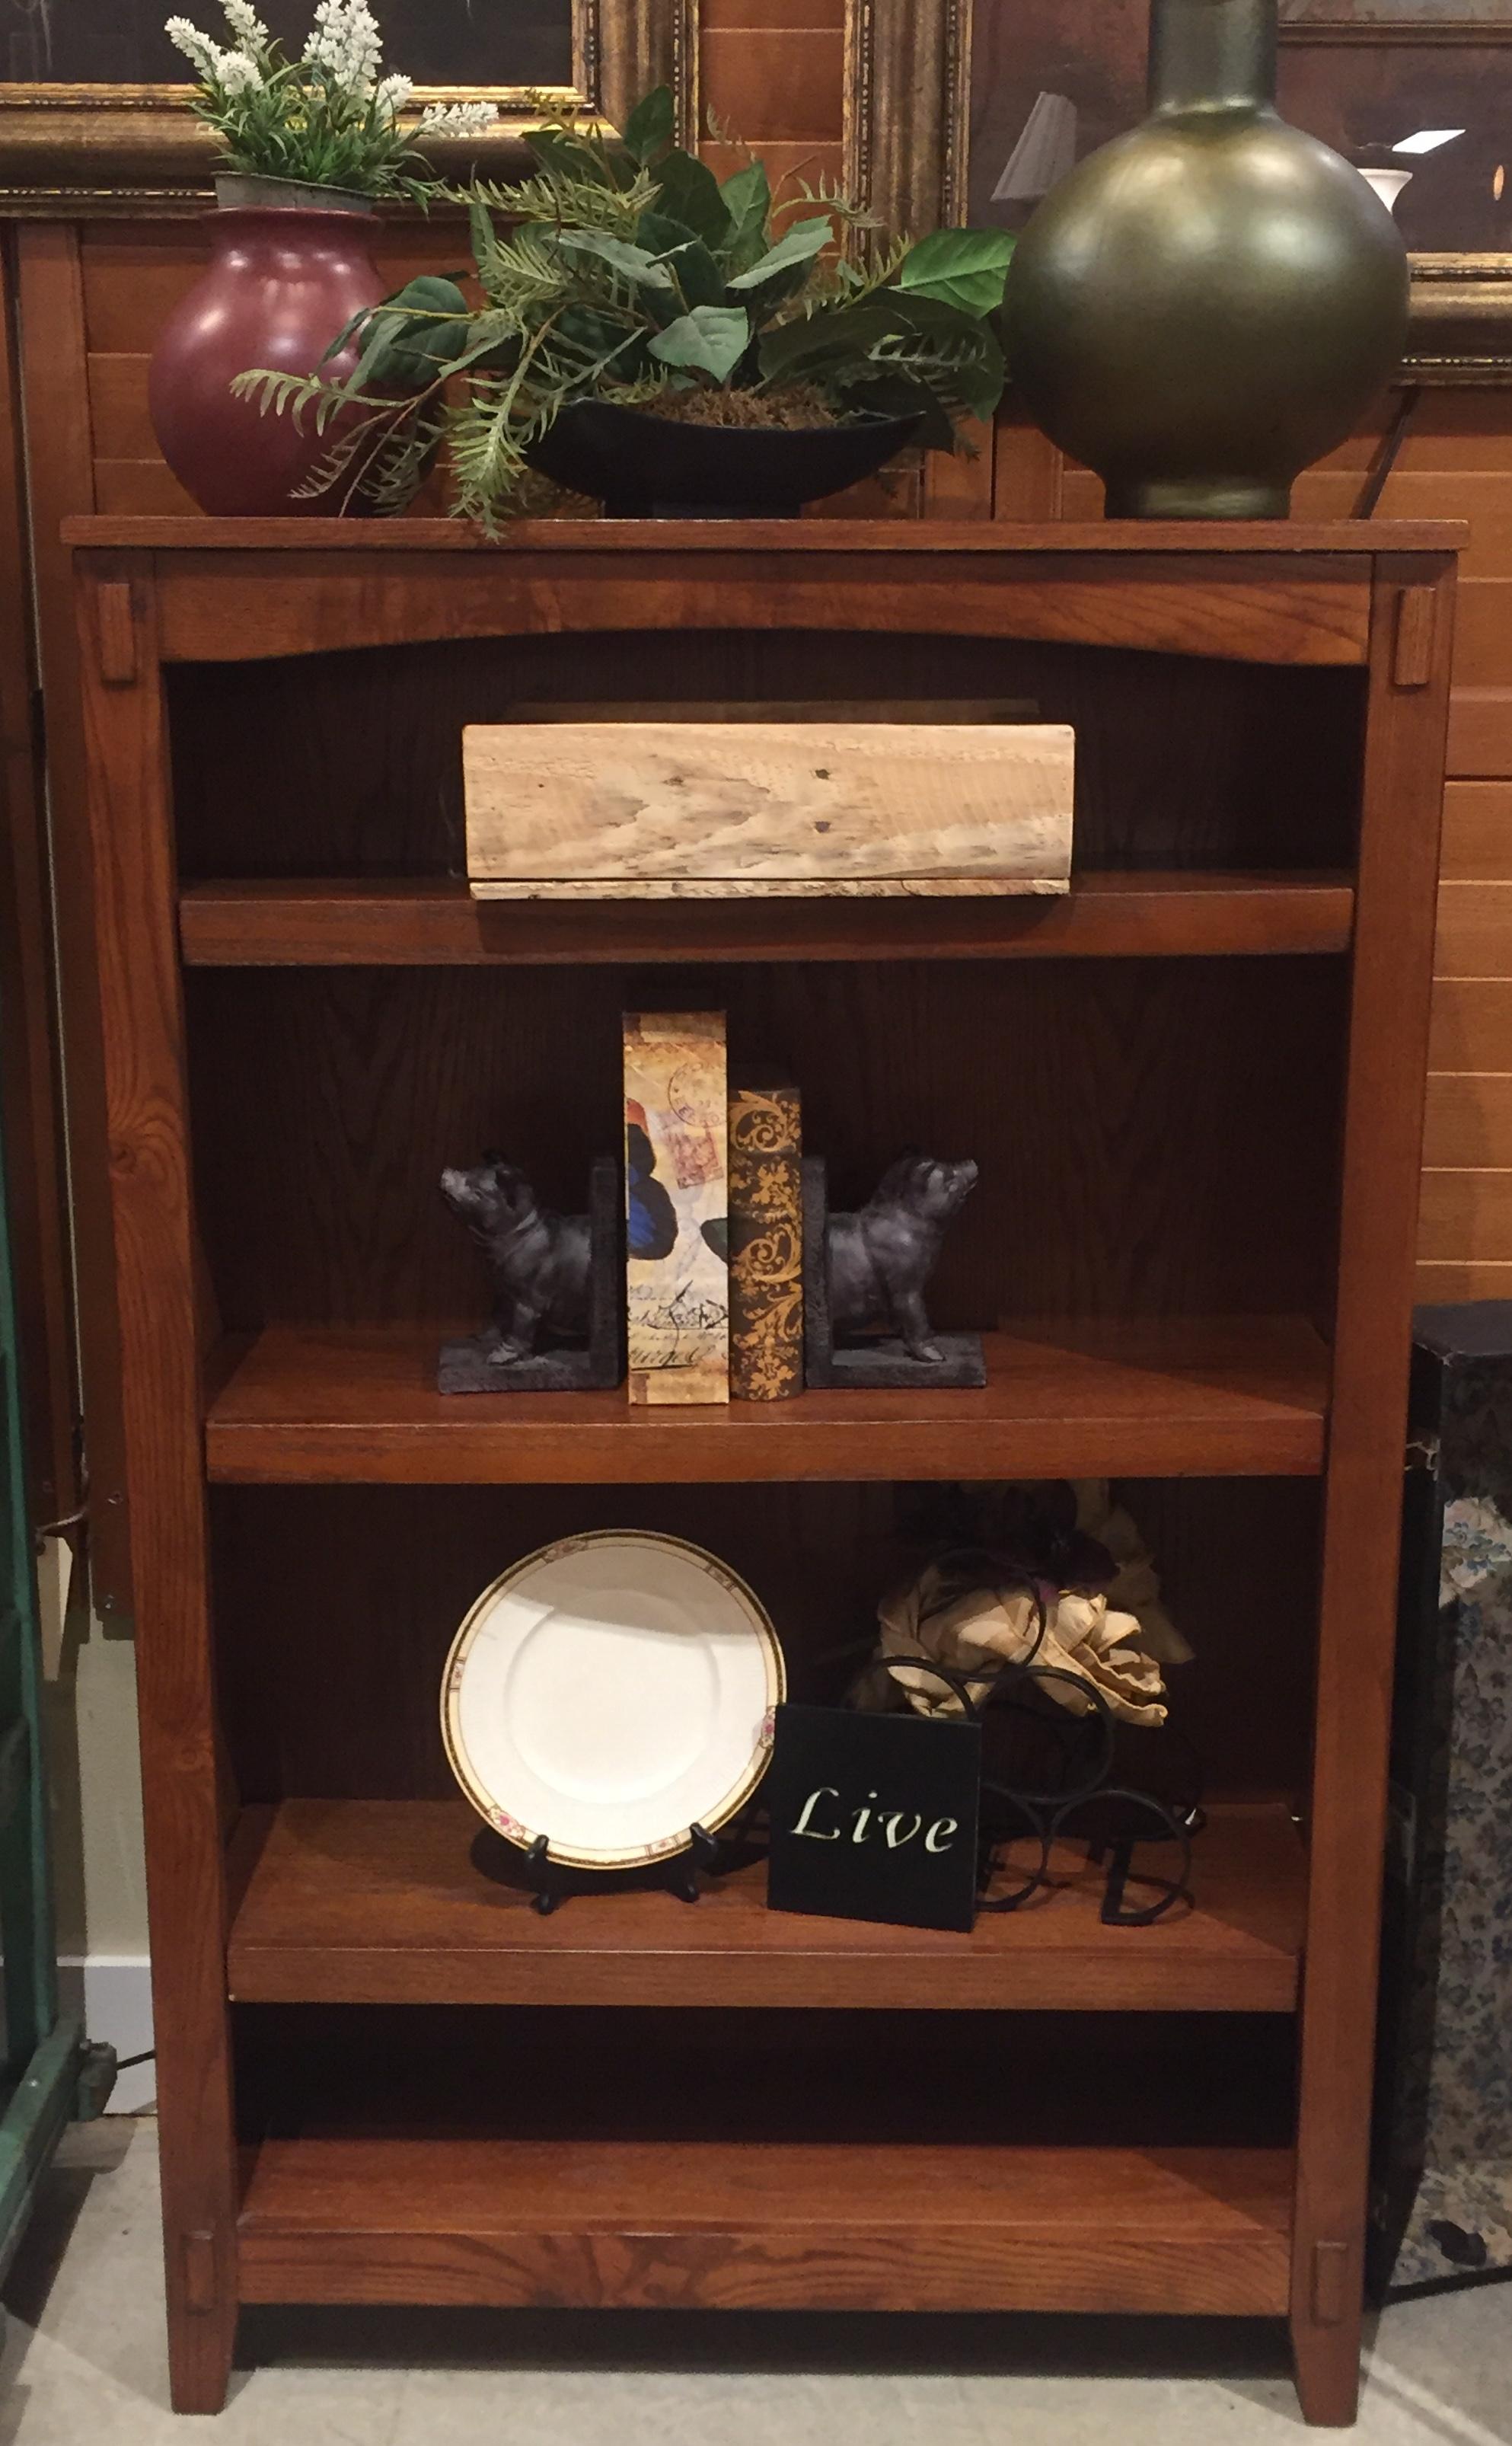 4 Shelf Bookshelf $249.95 - C1085 24211